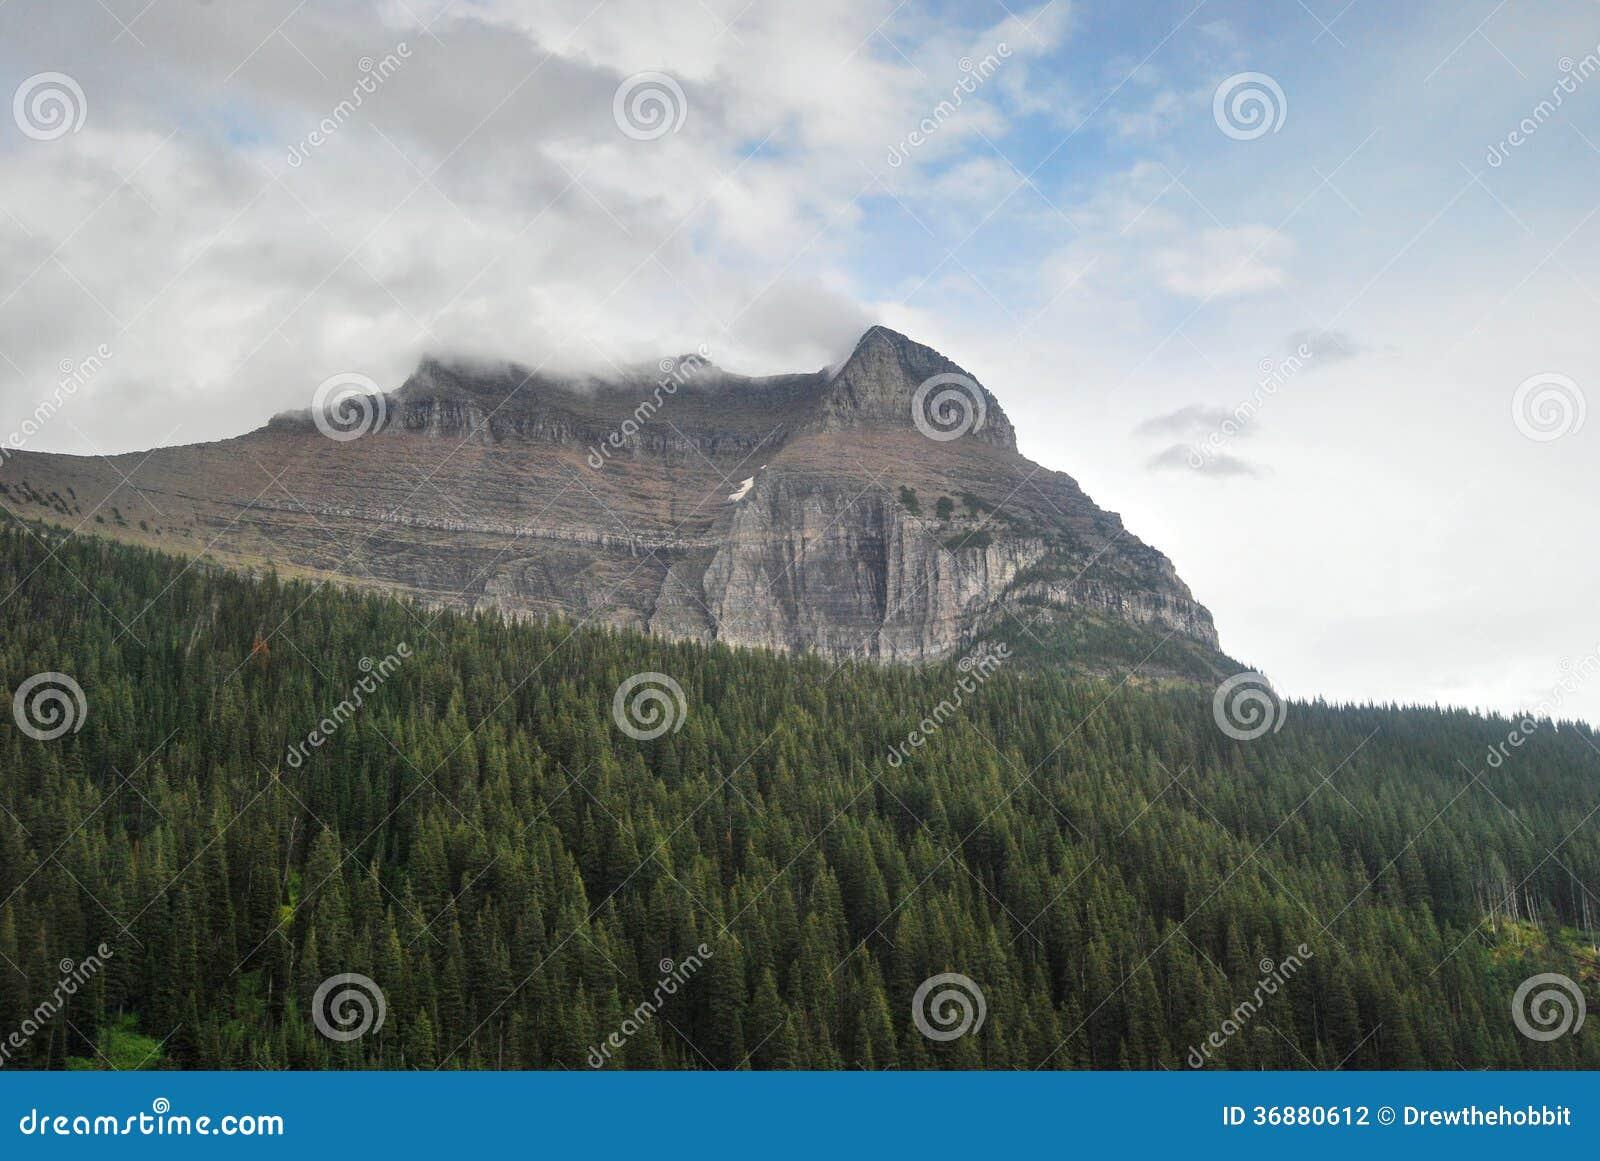 Download Glacier National Park Nel Montana Fotografia Stock - Immagine di picco, scogliera: 36880612